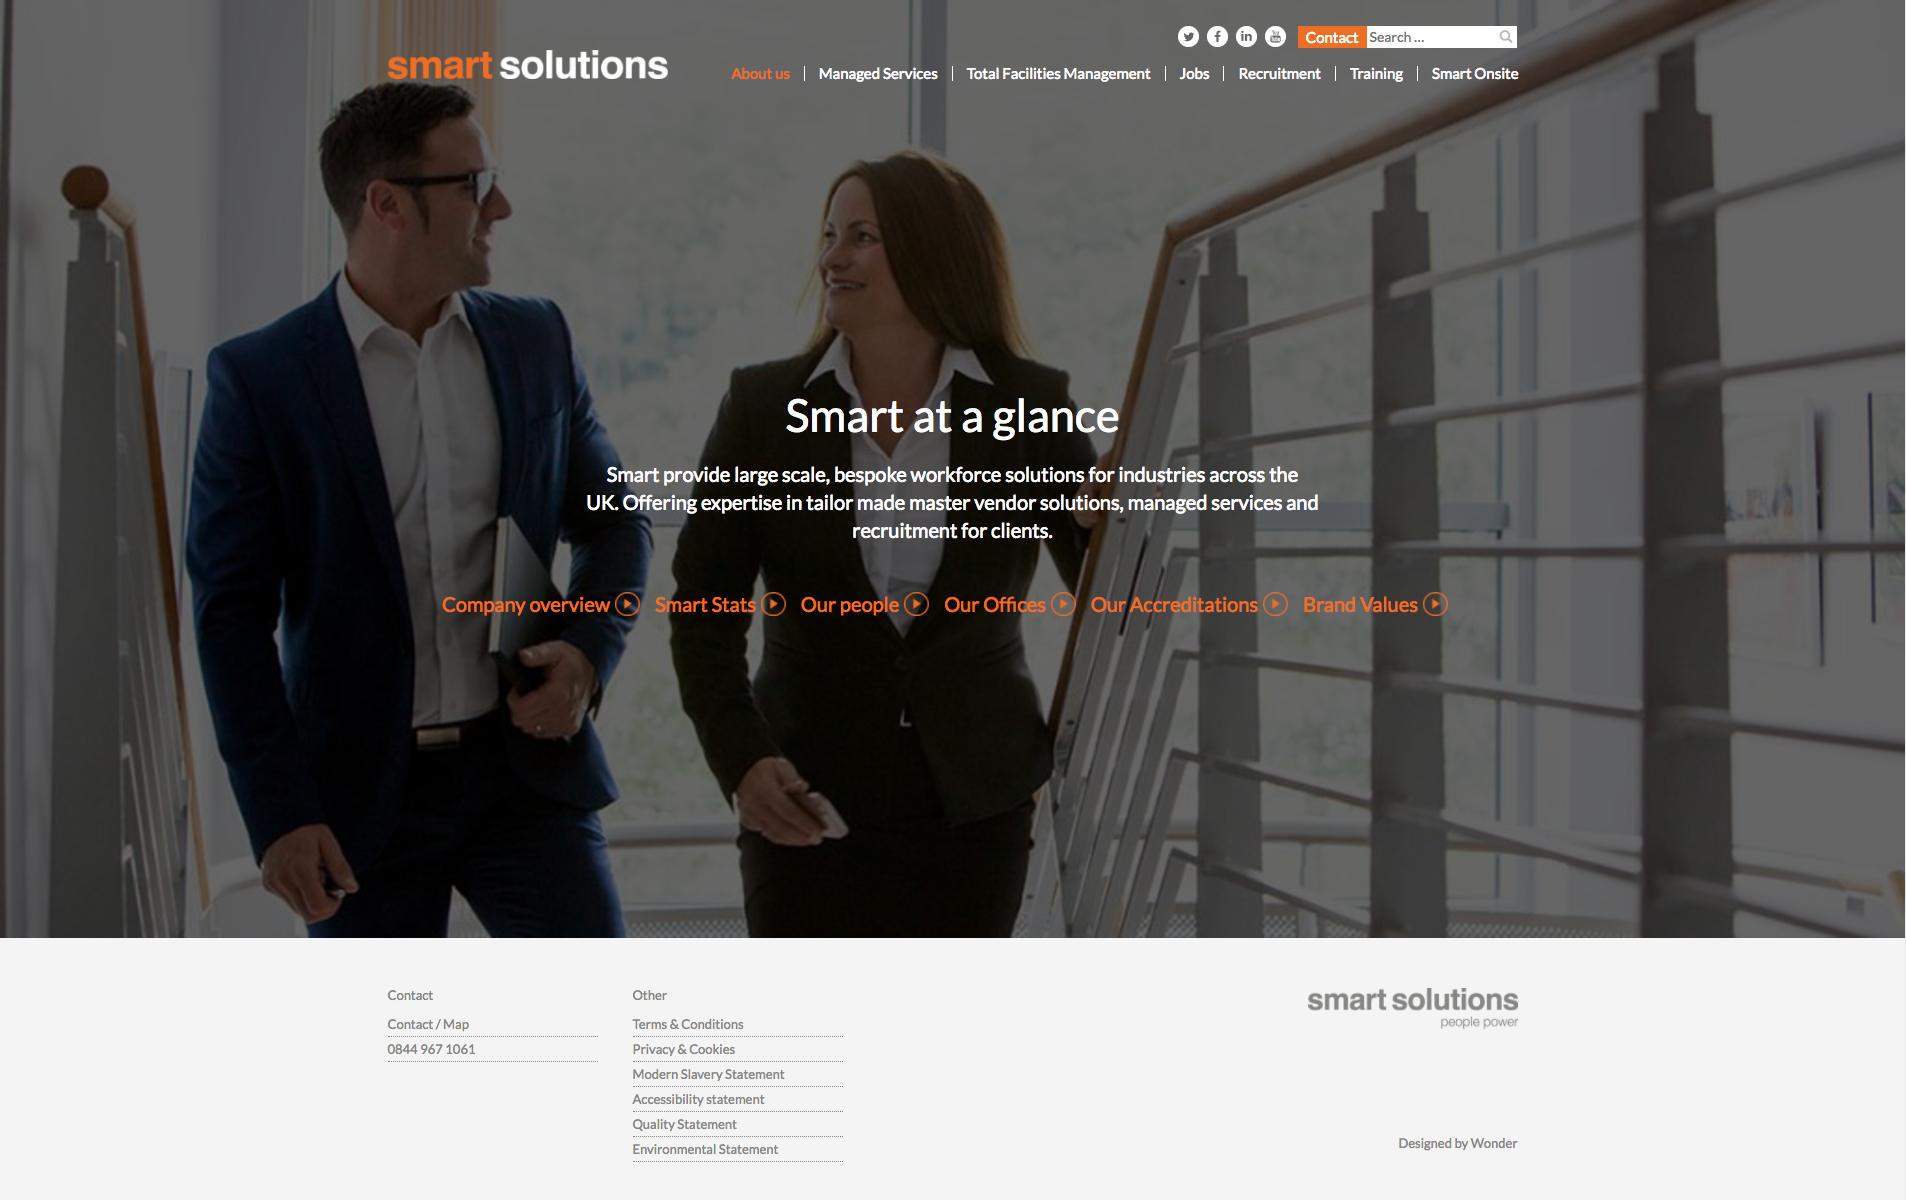 smartssolutions-2